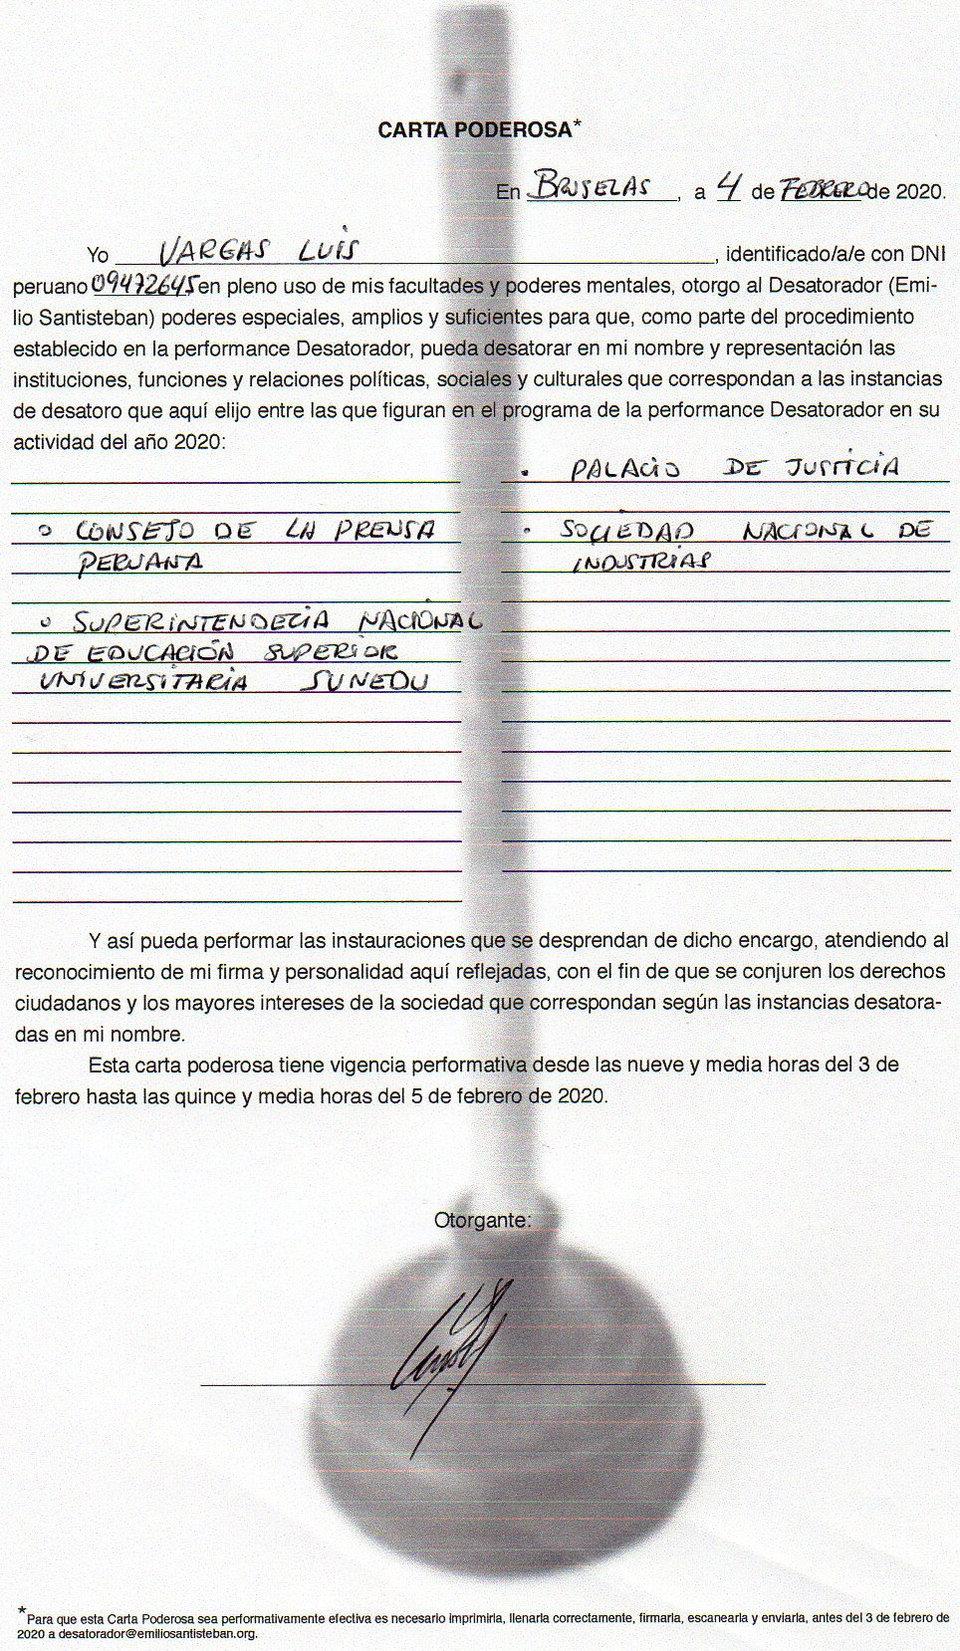 Luis Vargas.jpg